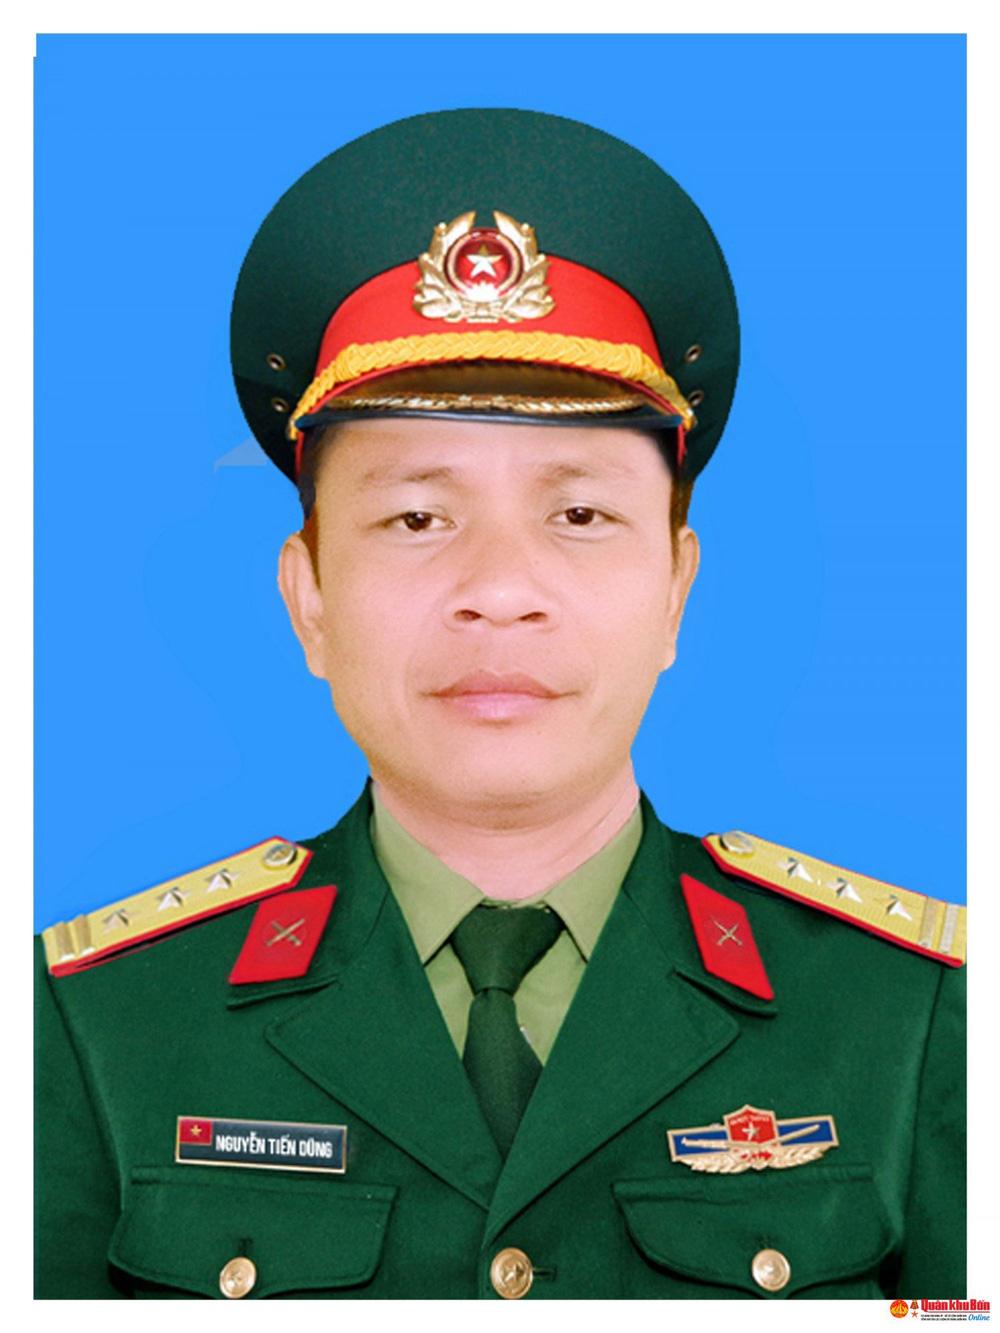 Thông tin chi tiết về tiểu sử, tang lễ 13 cán bộ, chiến sĩ hy sinh tại trạm kiểm lâm 67 - Ảnh 5.